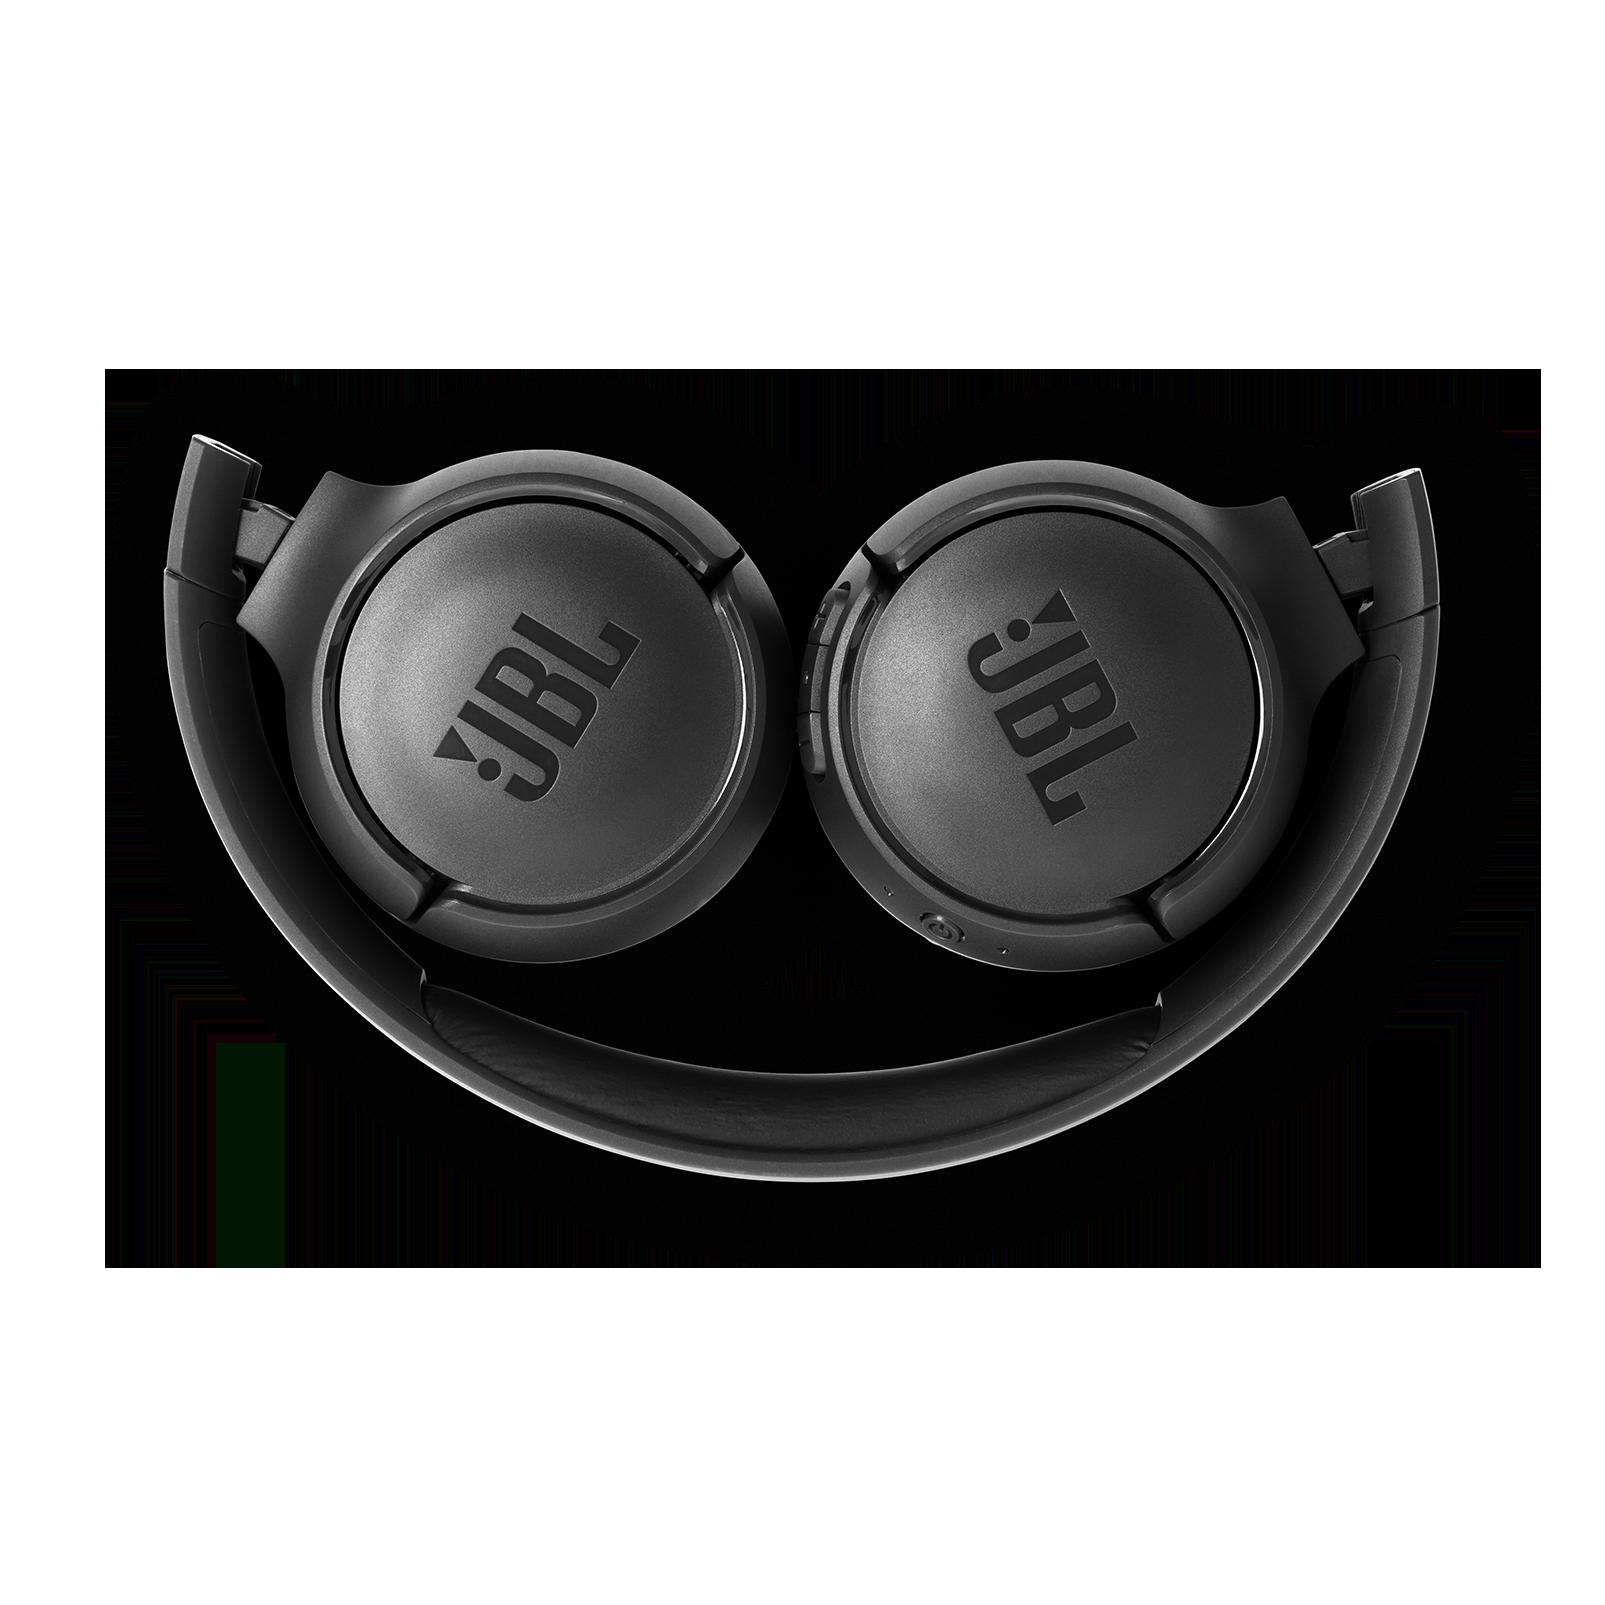 JBL TUNE 500BT - Black - Wireless on-ear headphones - Detailshot 3